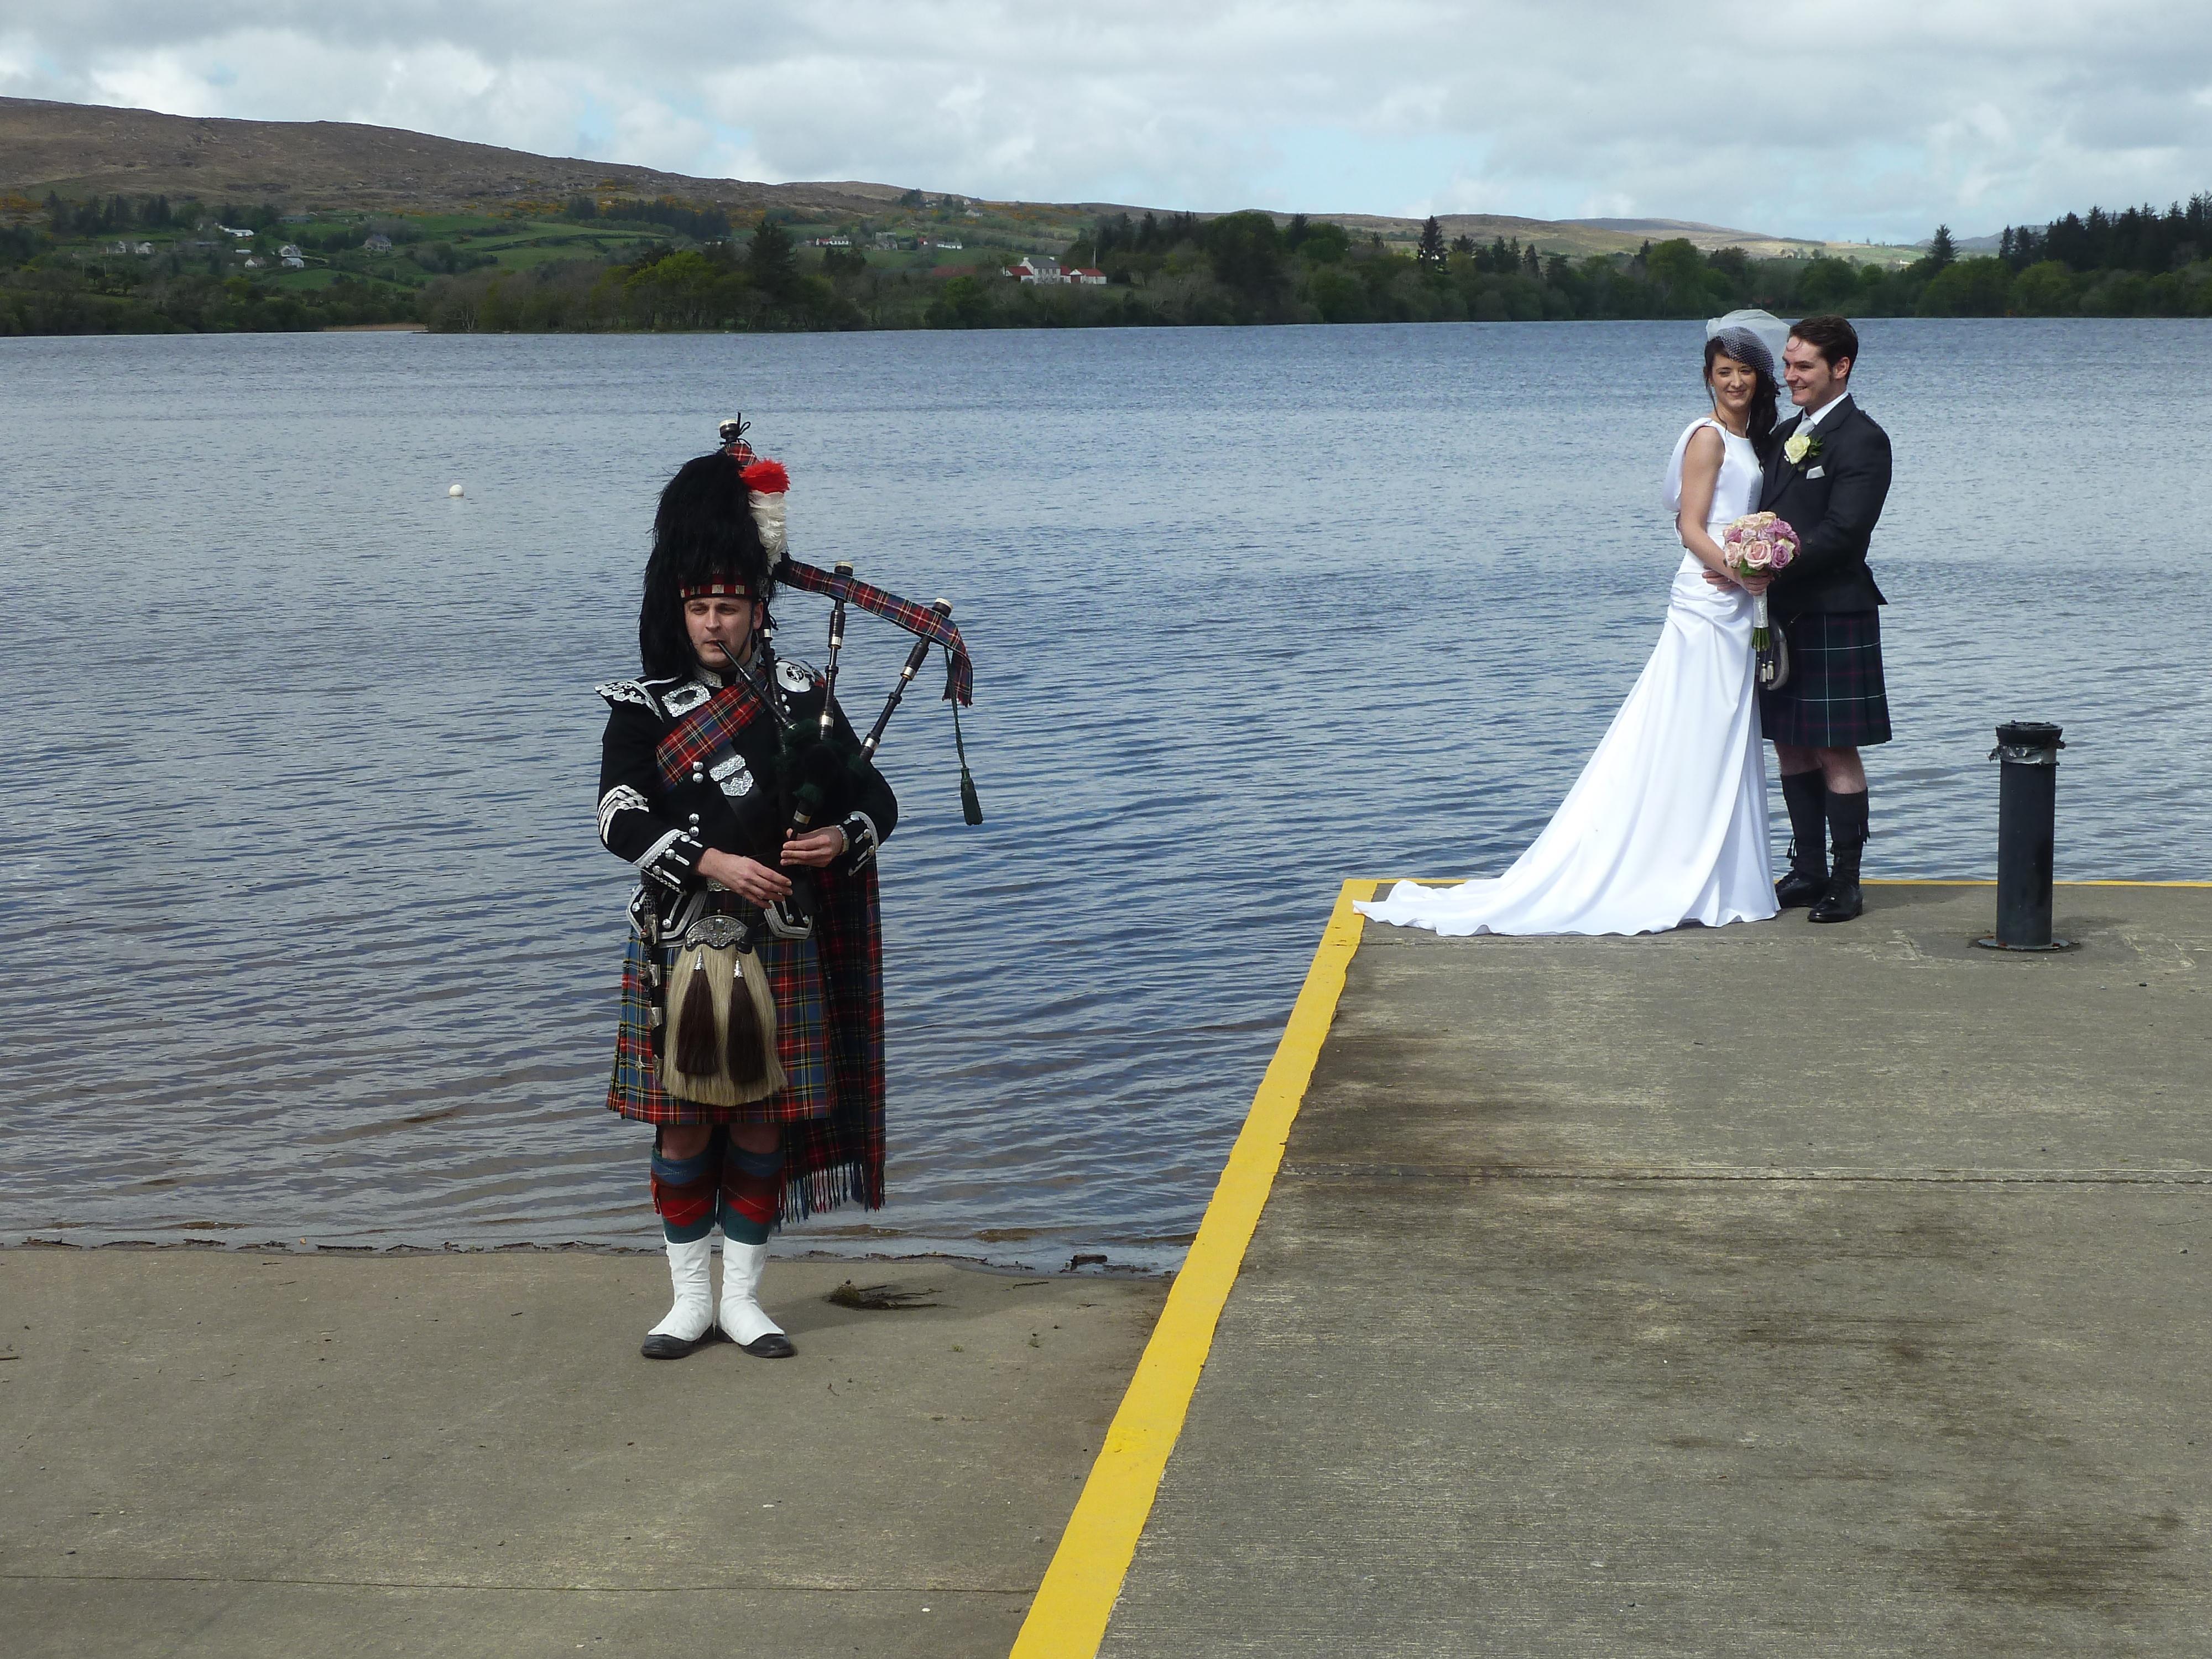 Bagpipe music at wedding